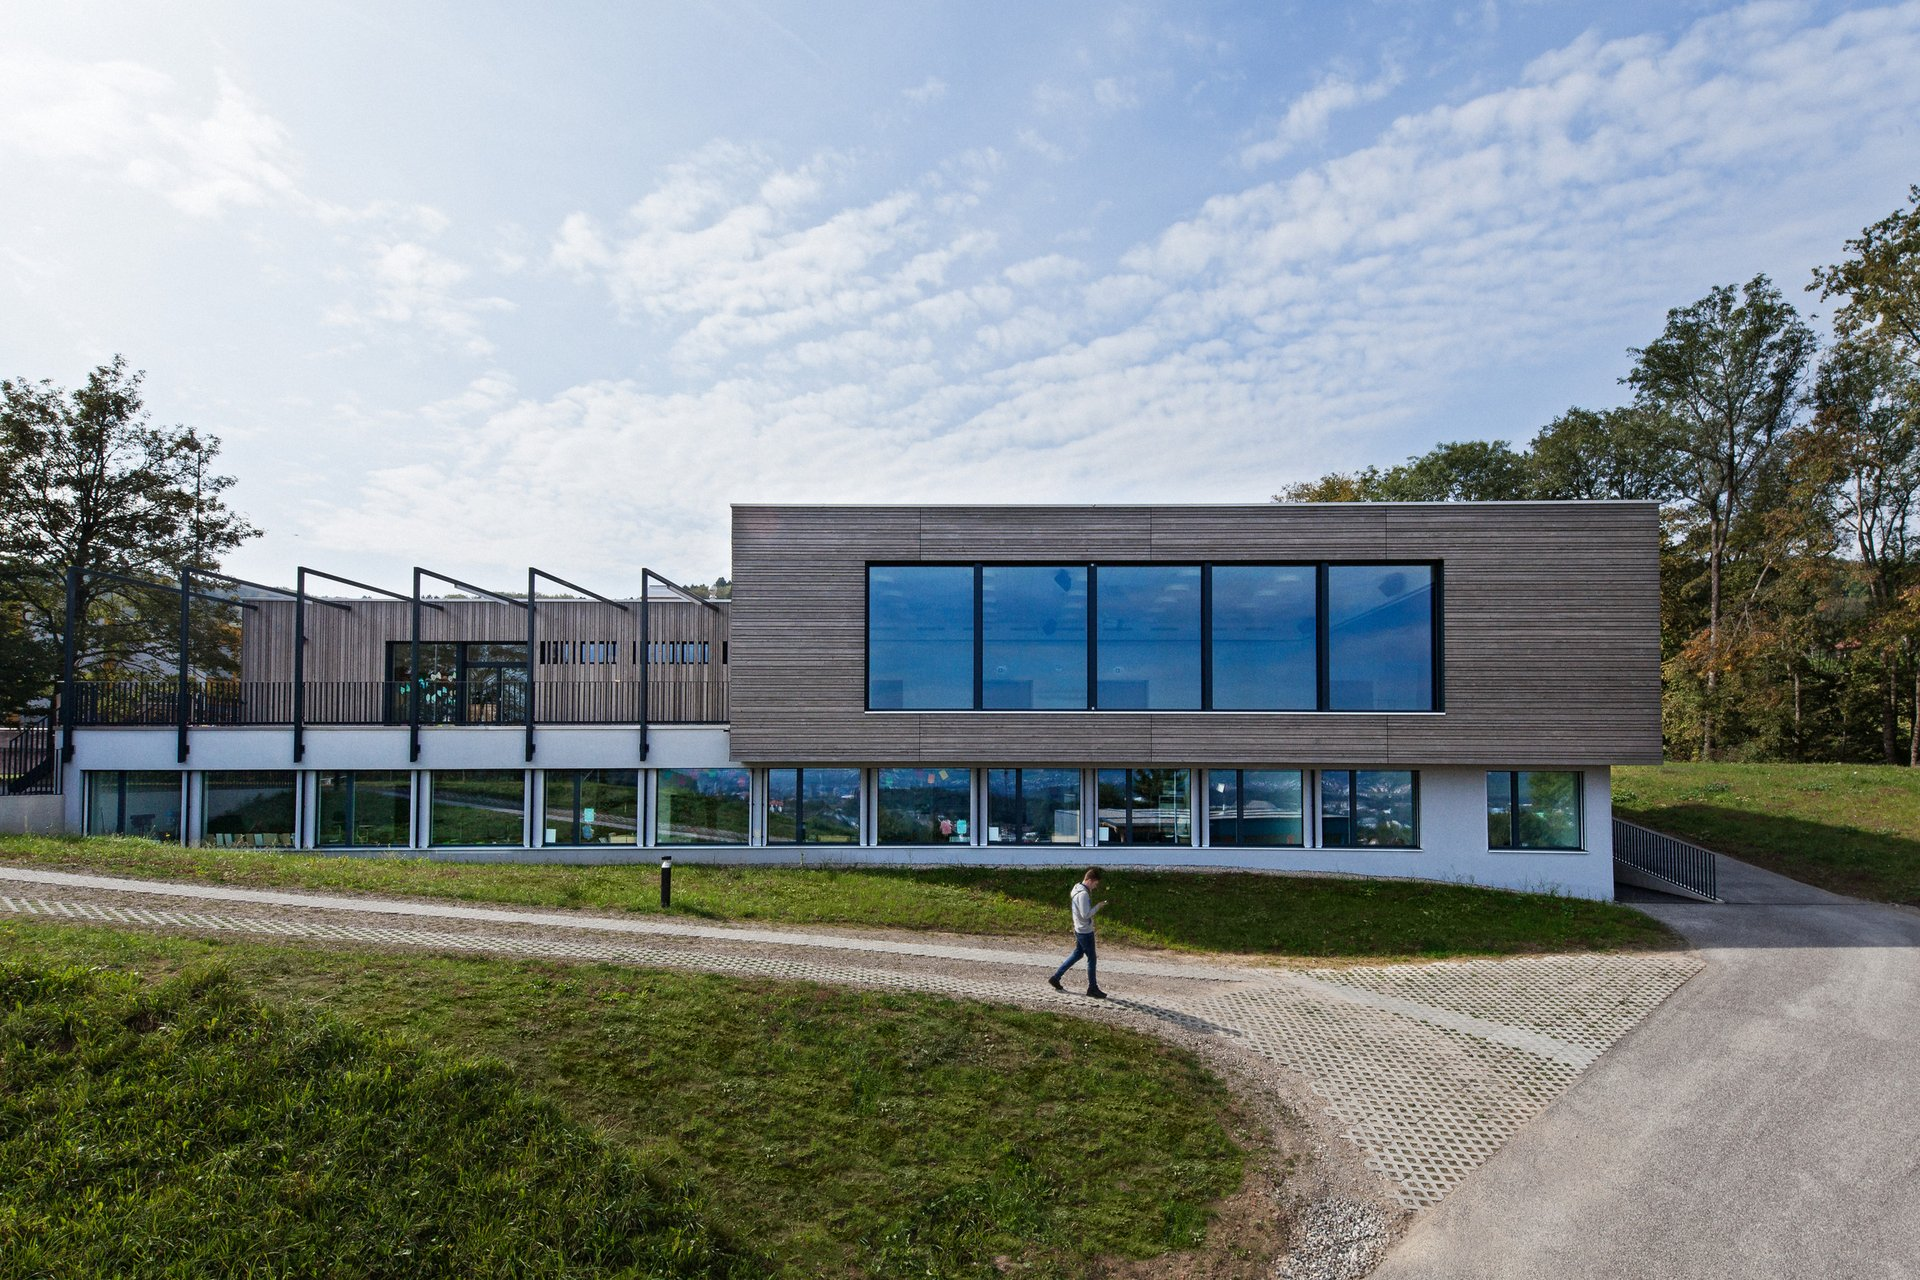 saniertes Schulhaus mit kennzeichnend 5 gleichen Fenster 2. Geschoss